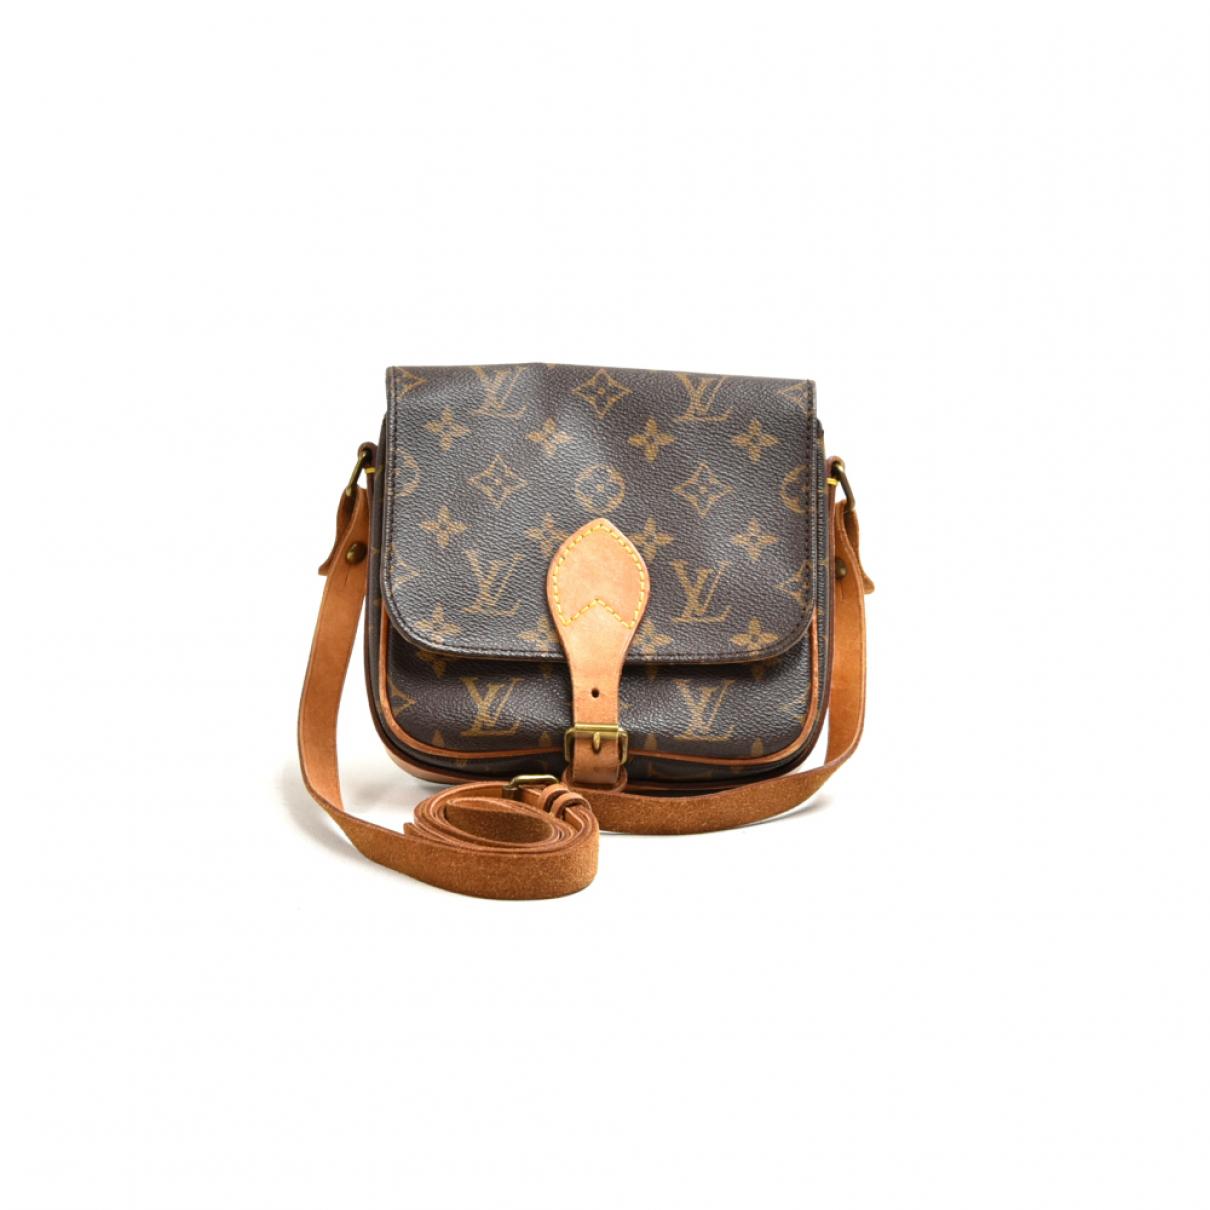 Louis Vuitton - Sac a main Cartouchiere pour femme en toile - marron